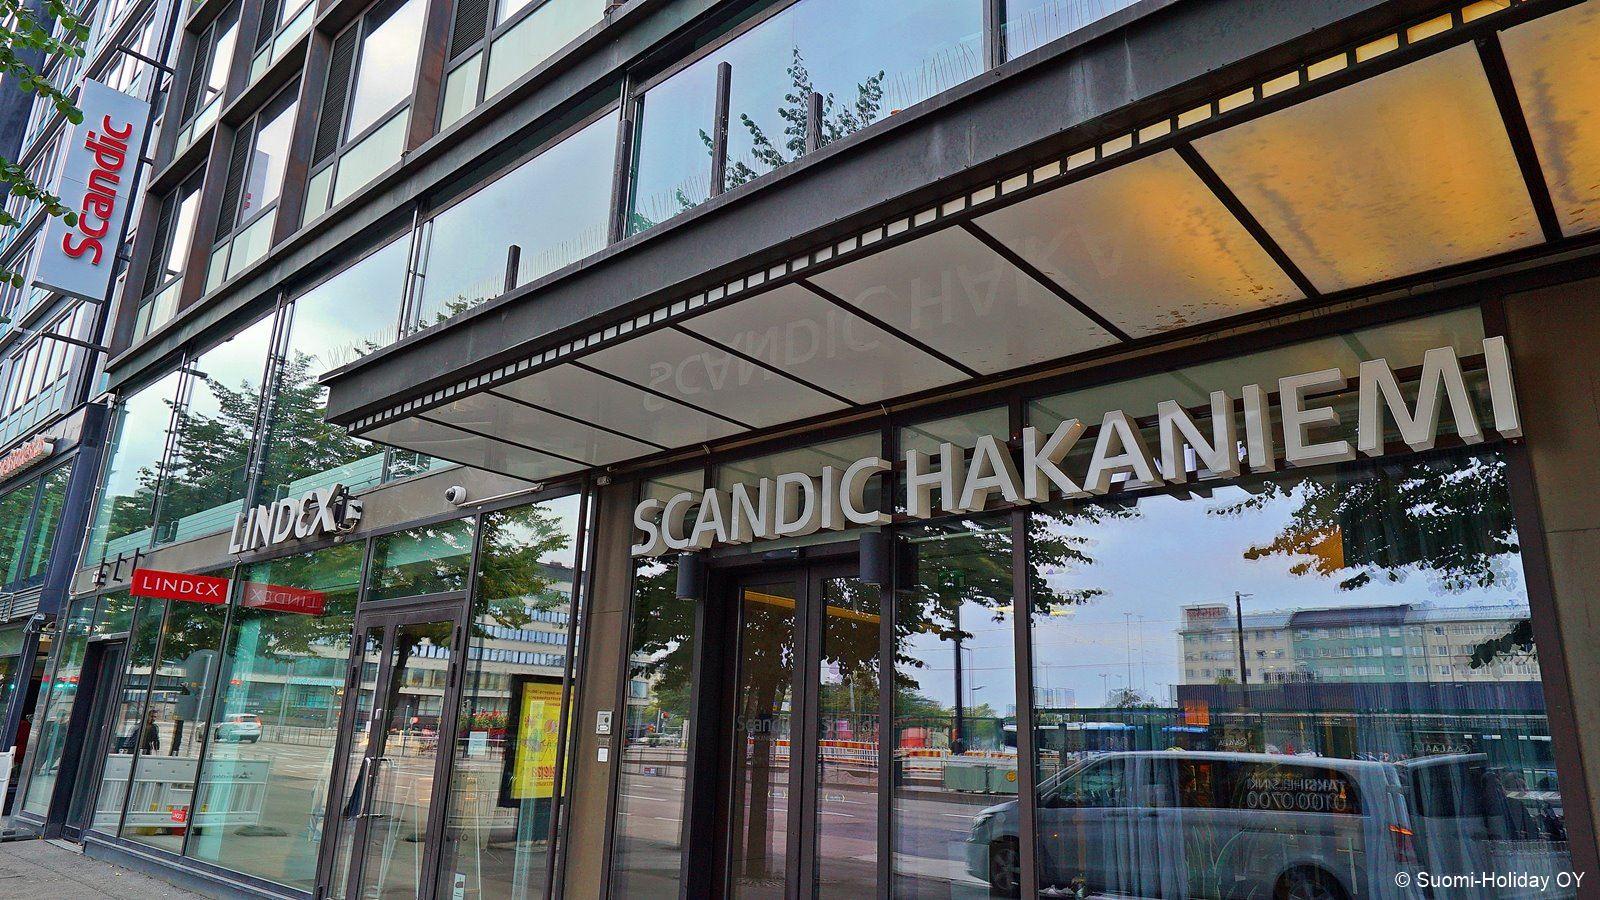 Scandic Hakaniemi Helsinki